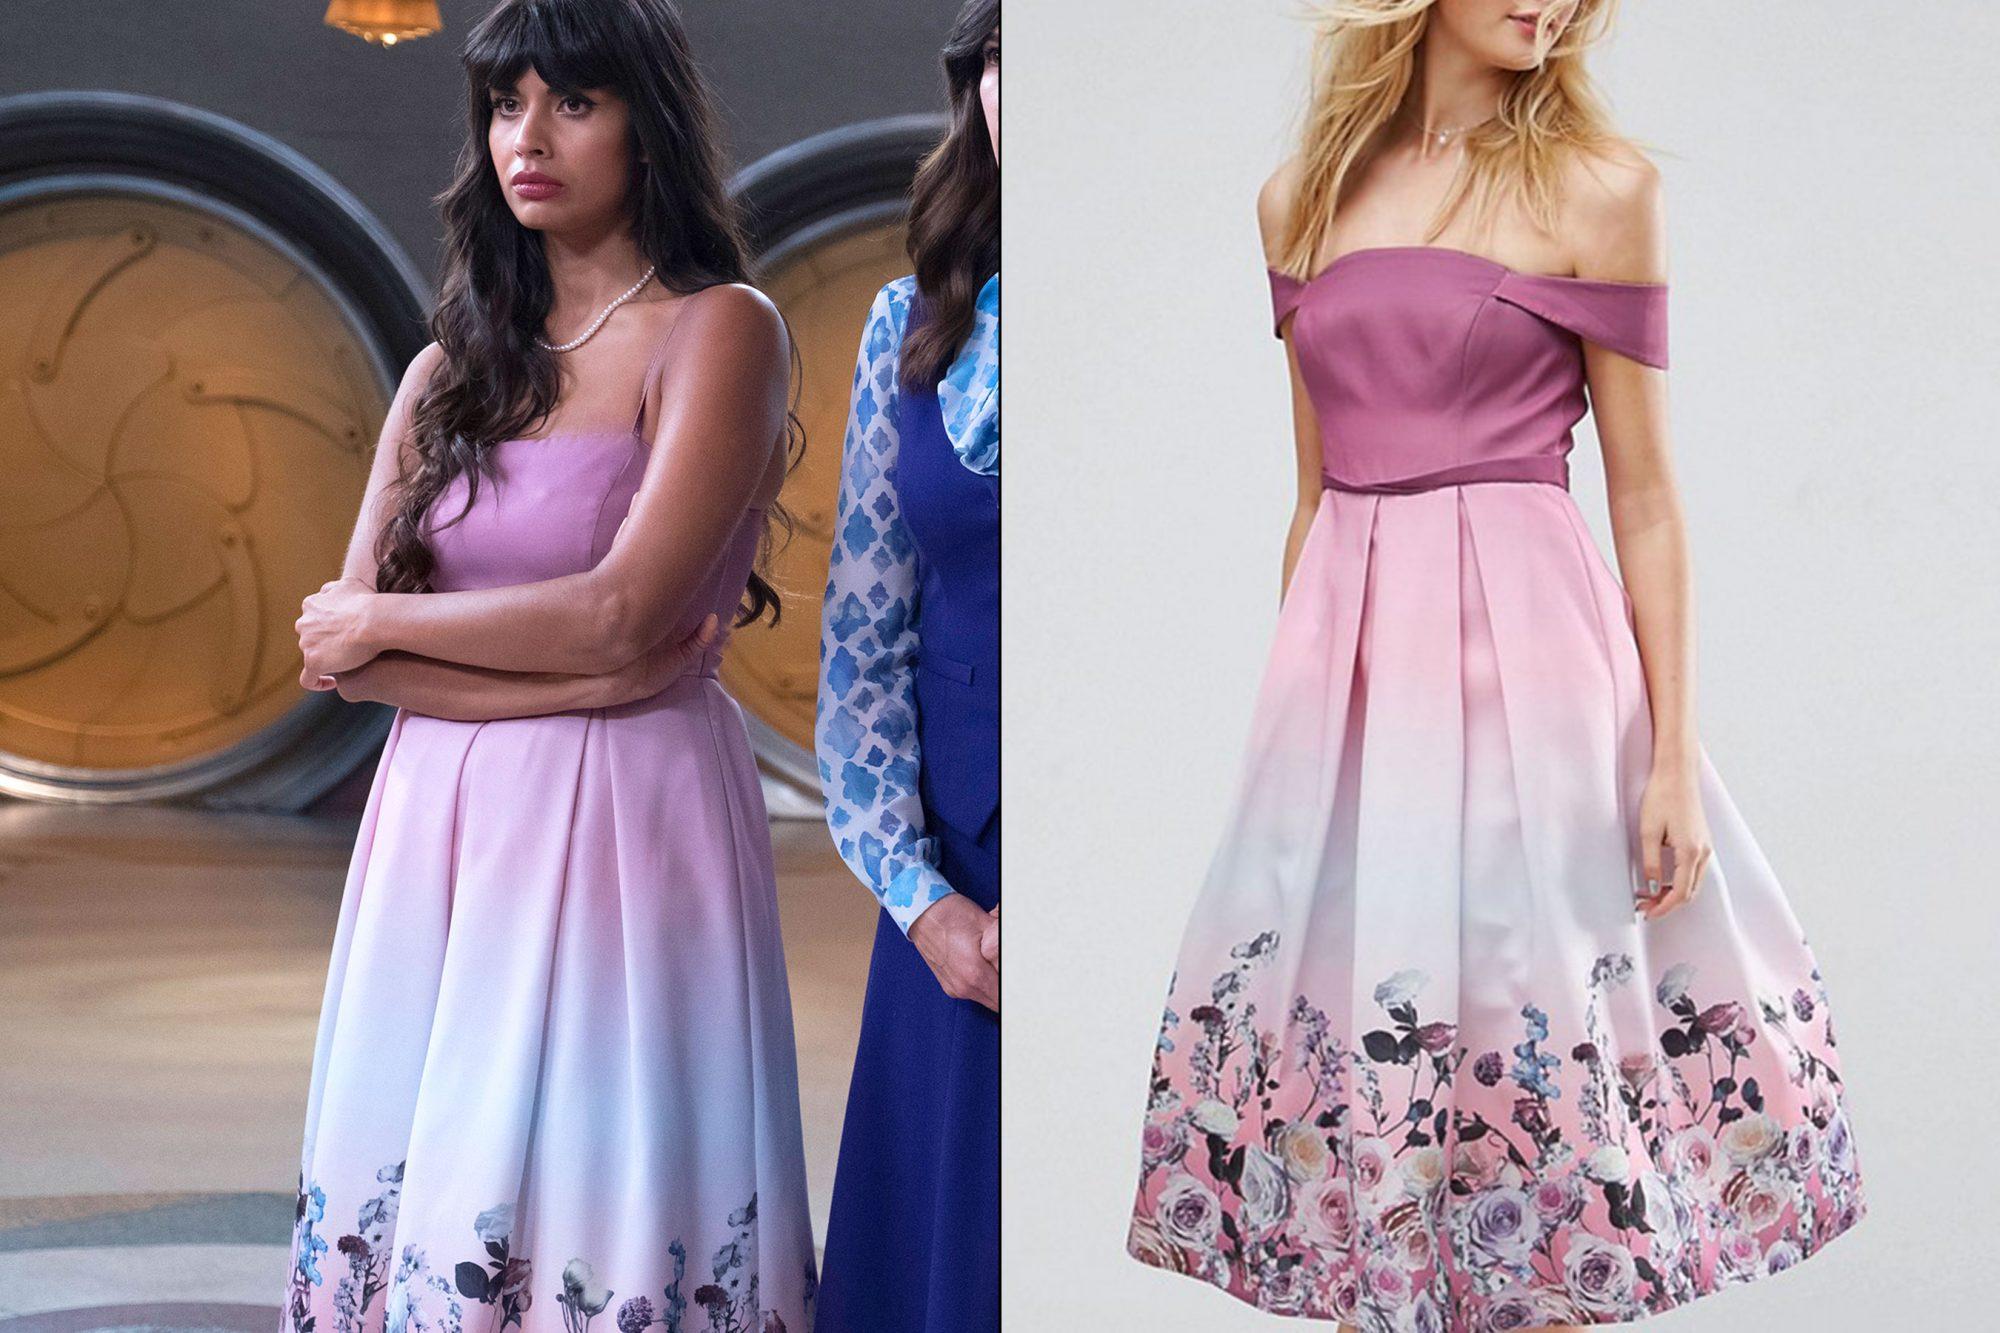 Tahani's (Jameela Jamil) floral dress on The Good Place